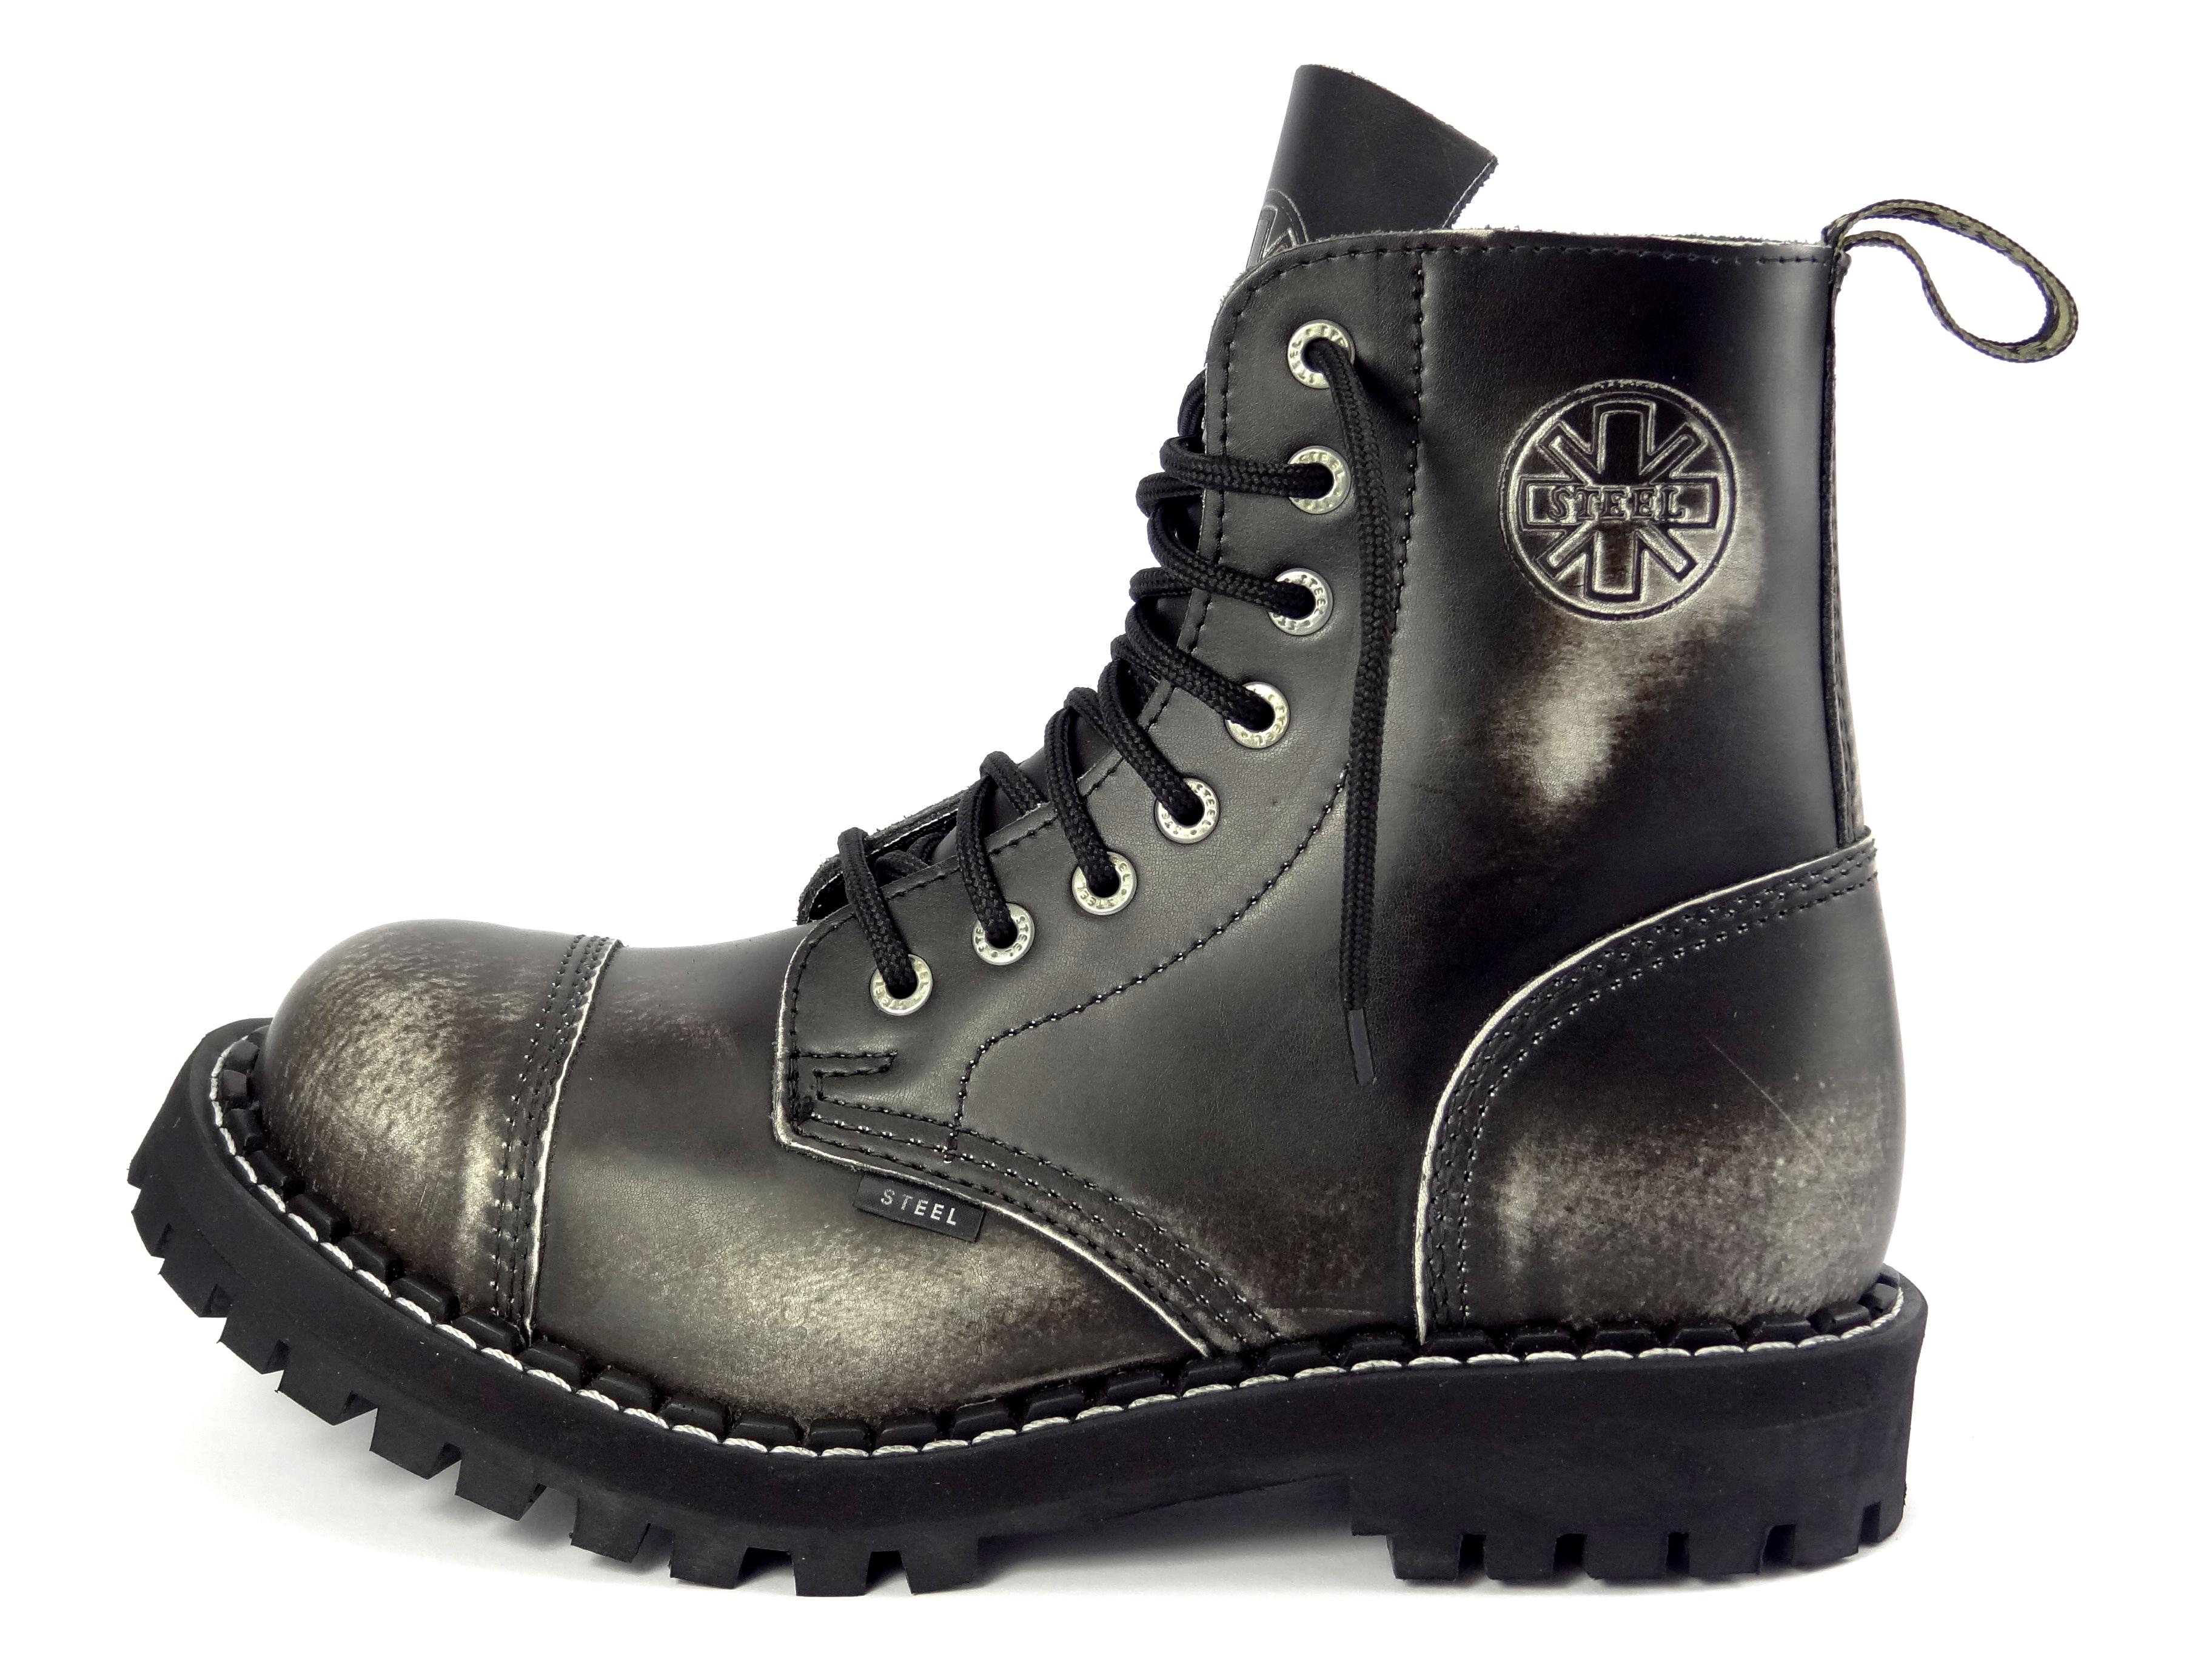 dd7f32dcb42 Steel boty 8 dírkové bílé černé